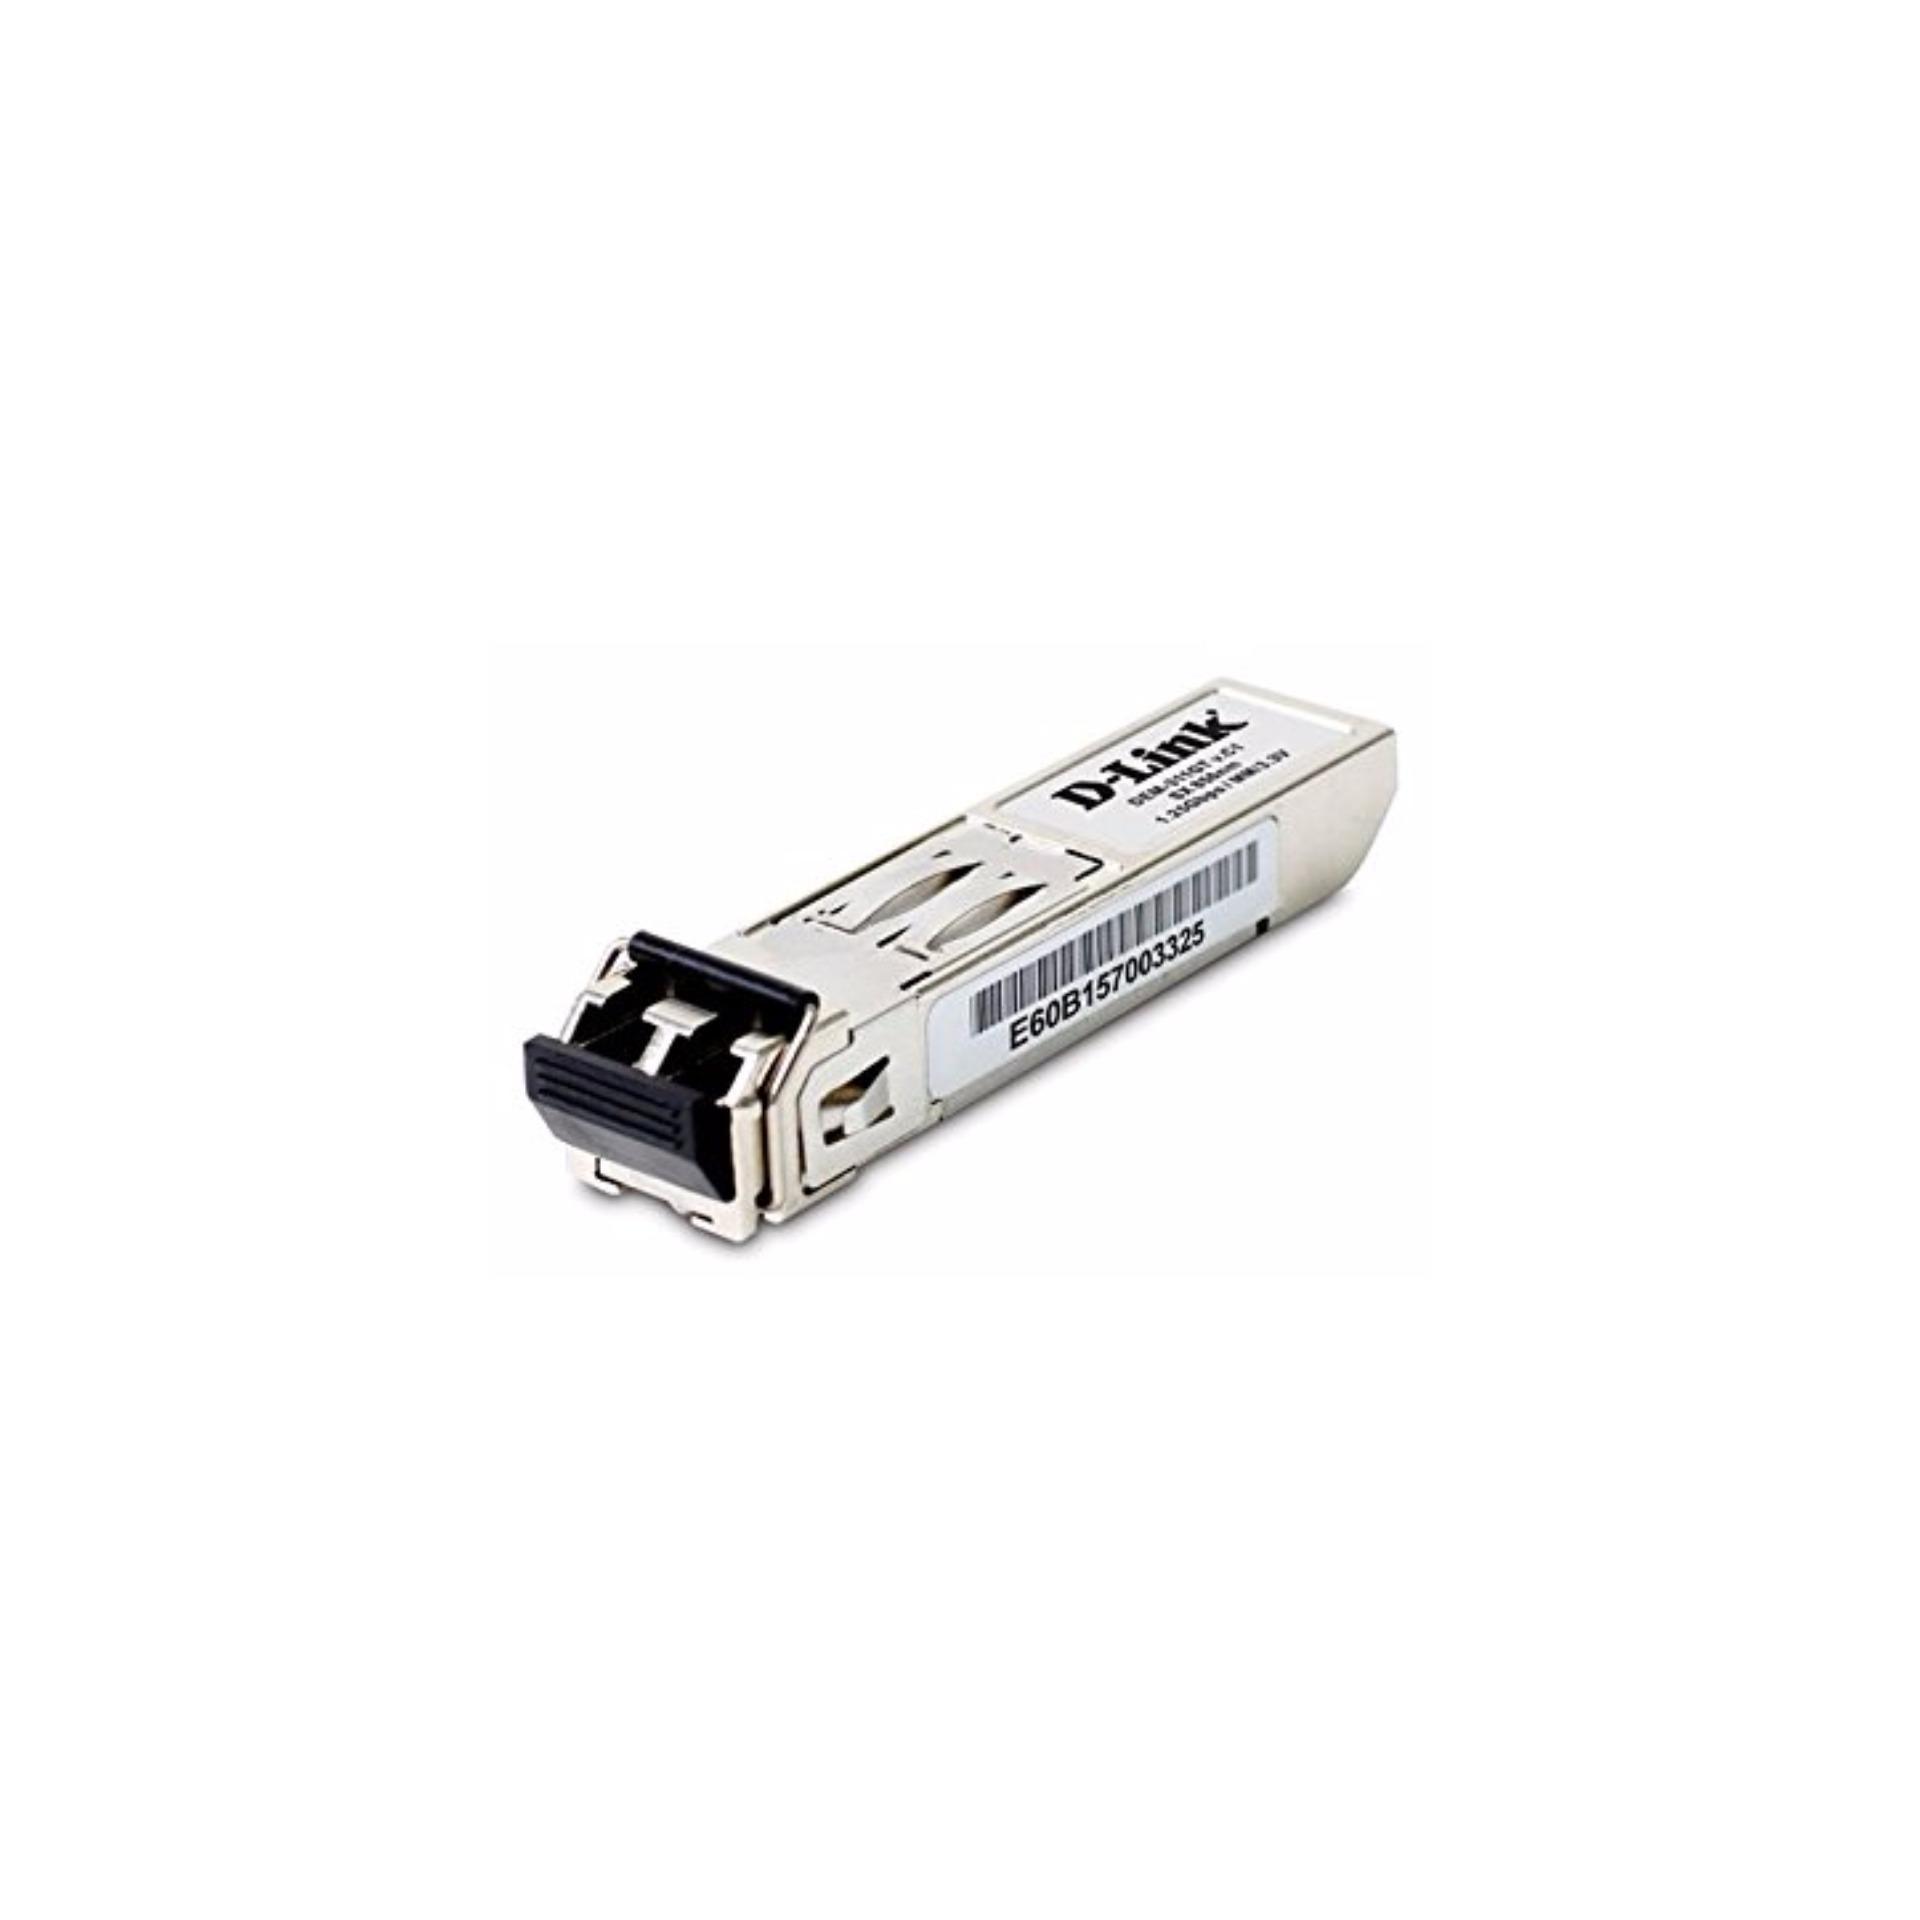 Sfp 1000Base-Sx Multi-Mode Fibre Transceiver Dem-311Gt